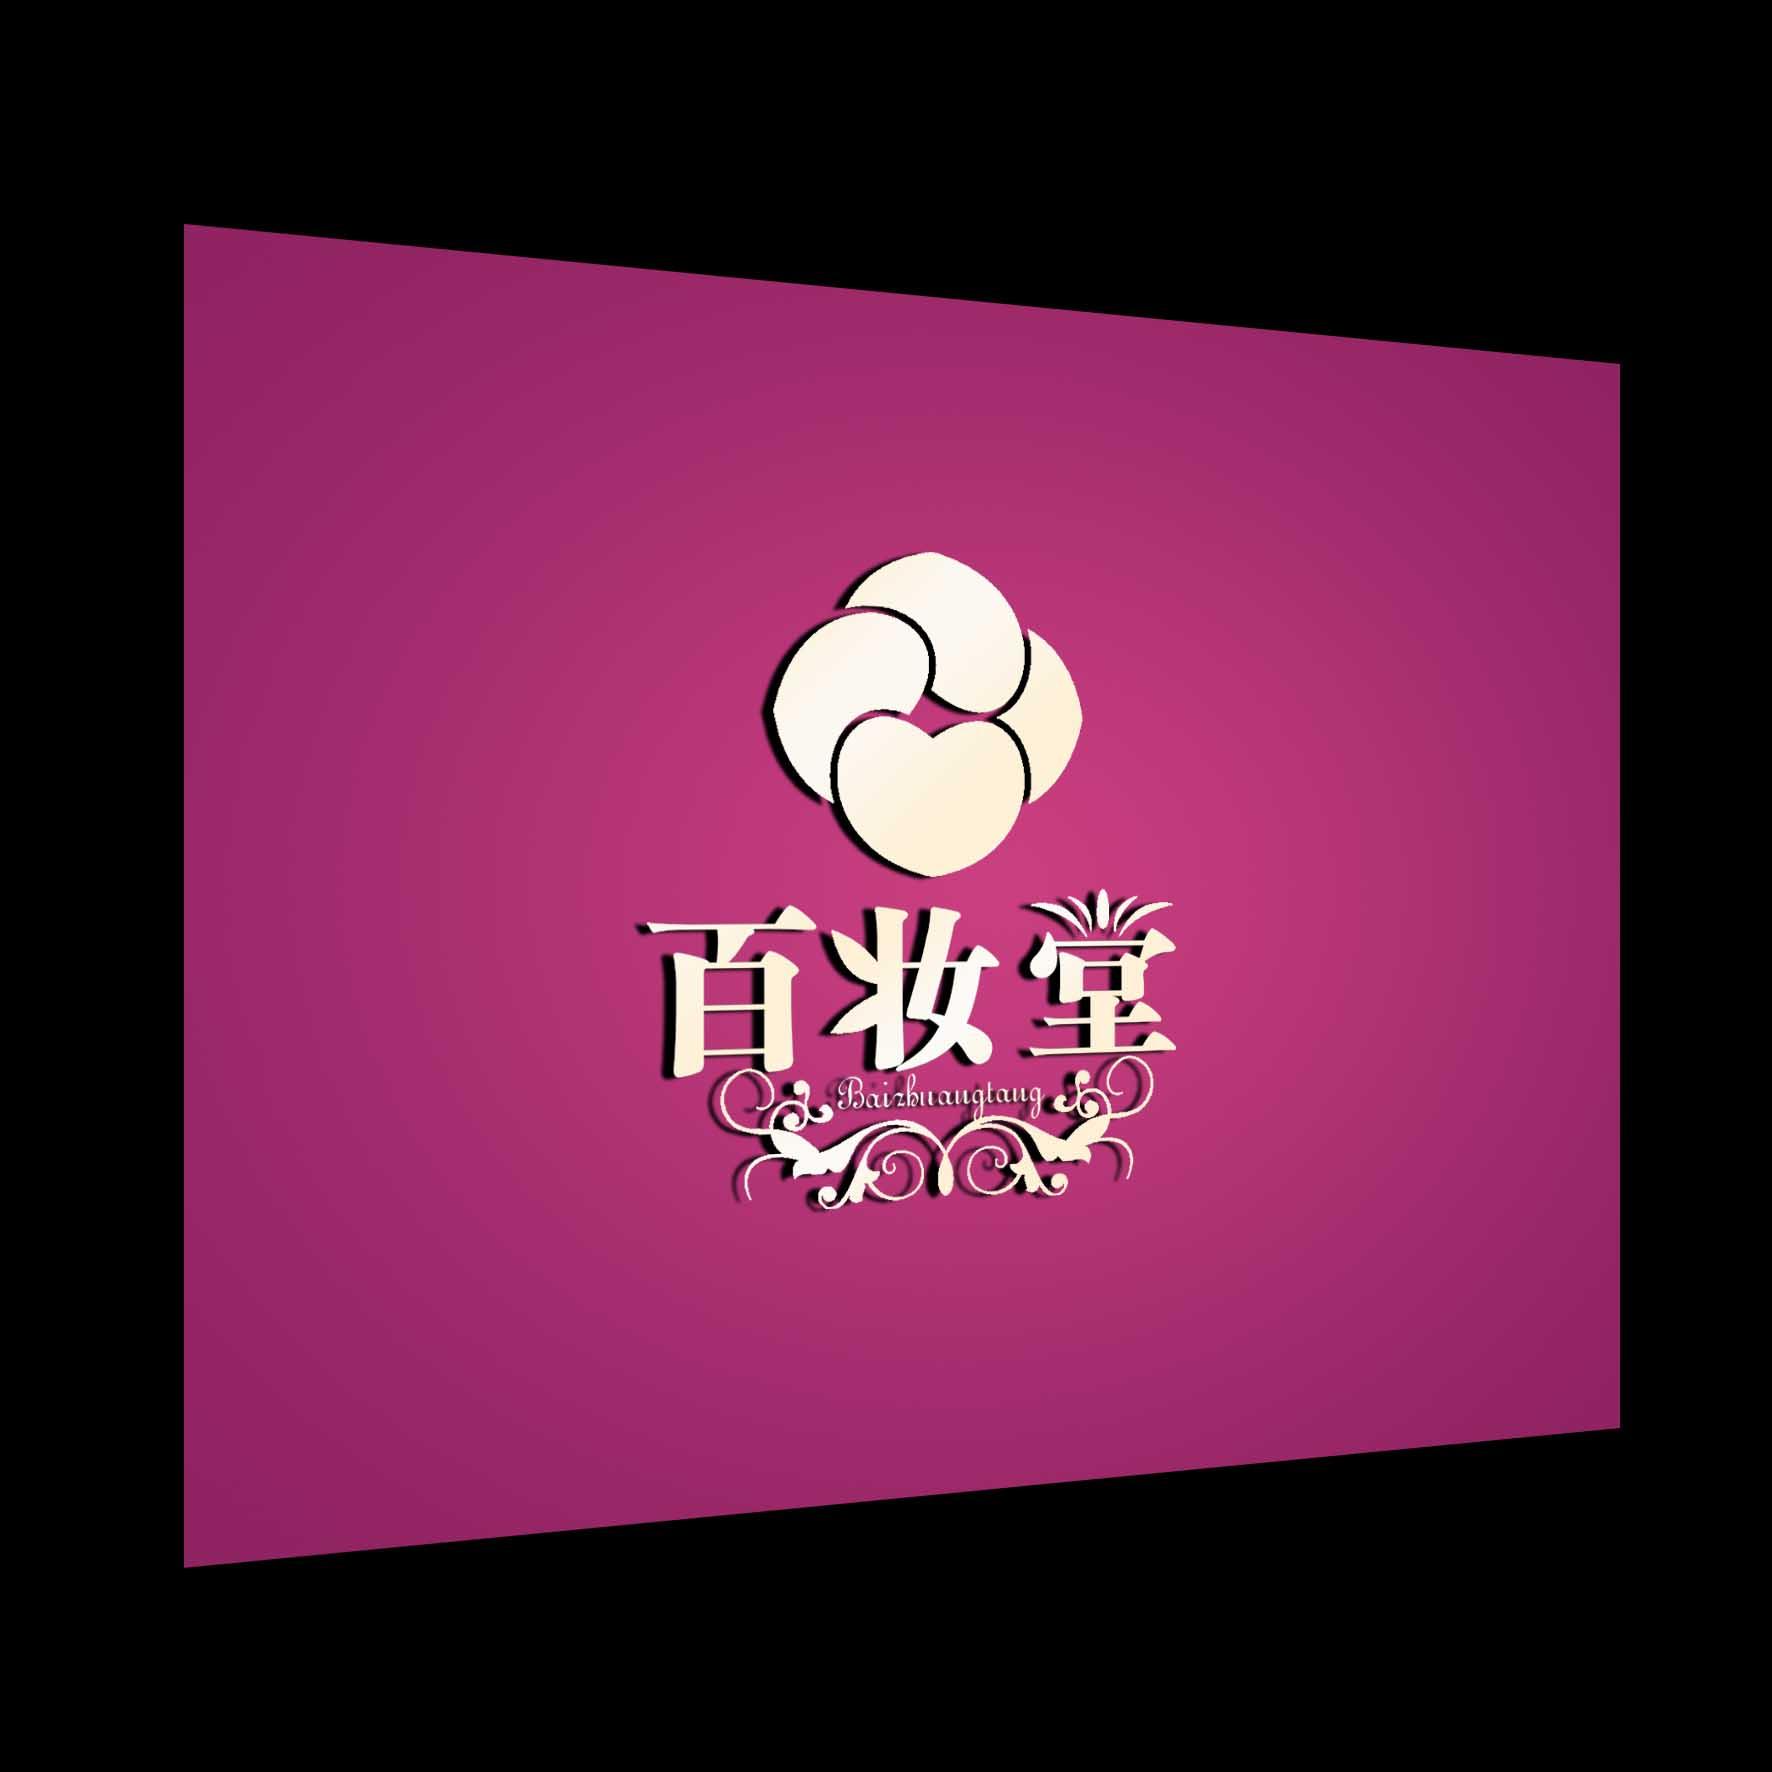 百妆堂化妆品店的logo和招牌设计急 700元 9823号任务 高清图片